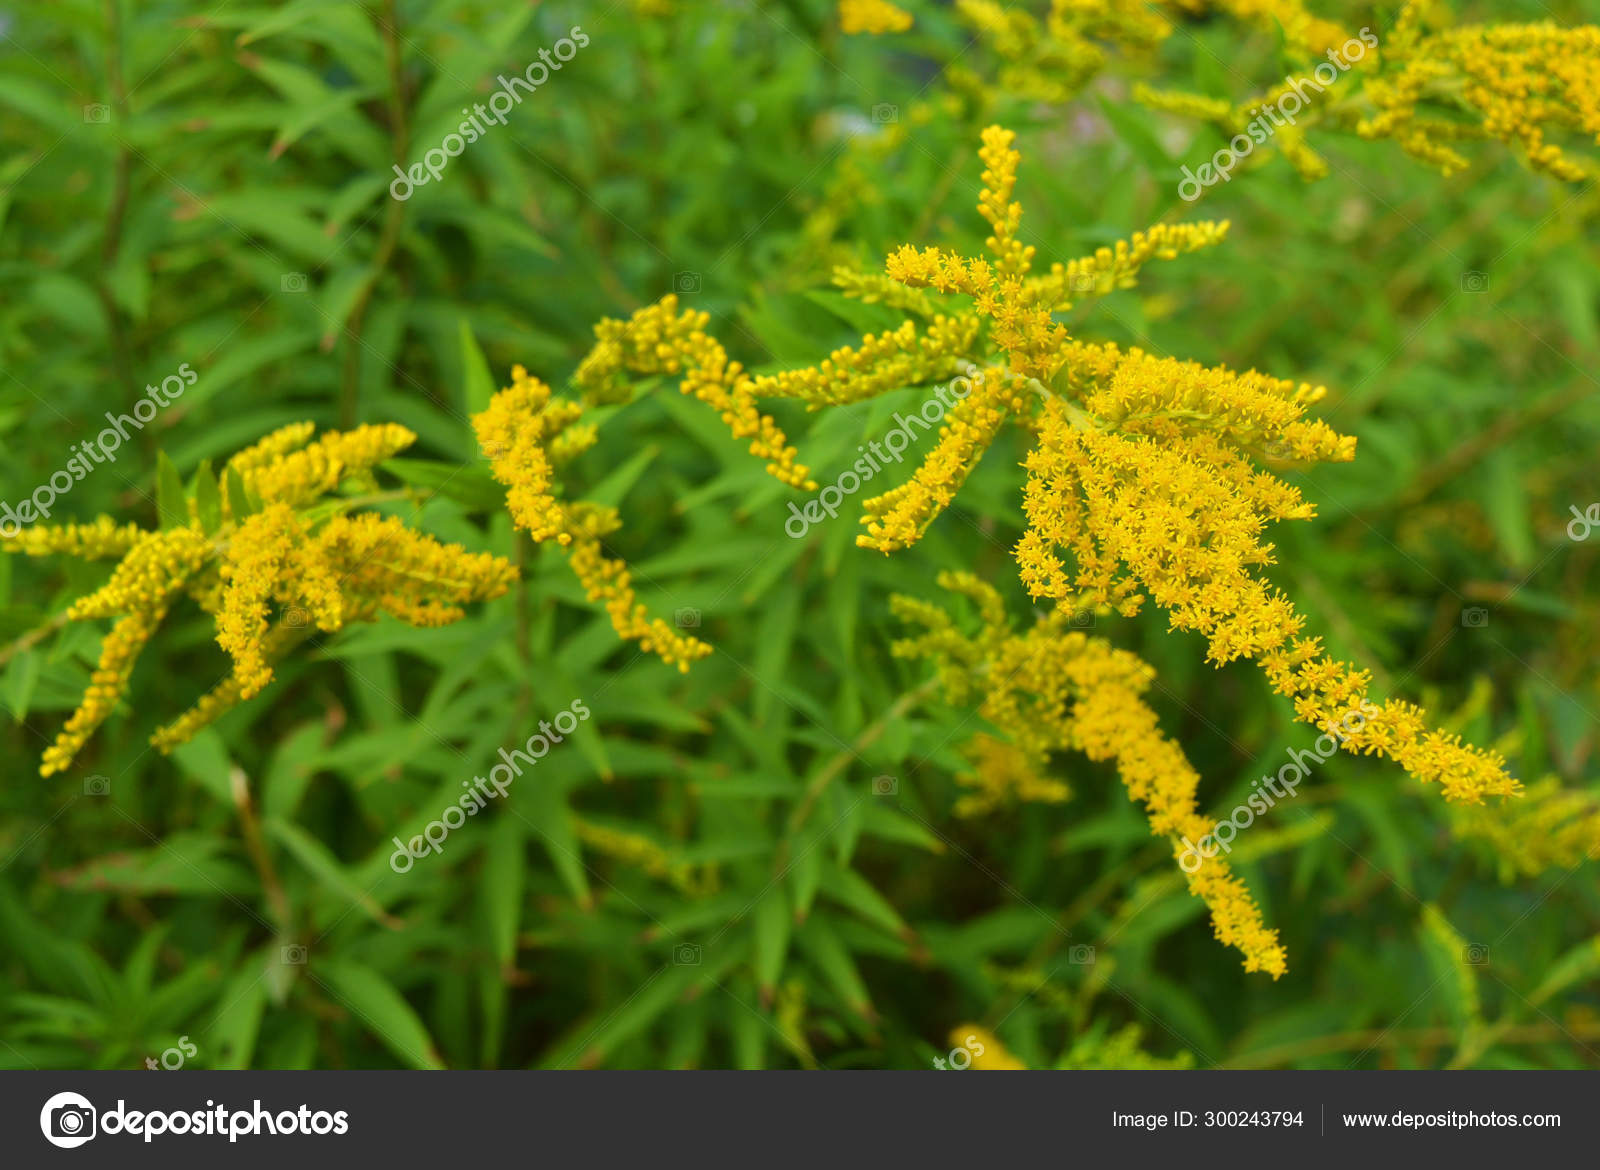 Arbusto A Fiori Gialli arbusti luminosi con fiori gialli una gigantesca canna